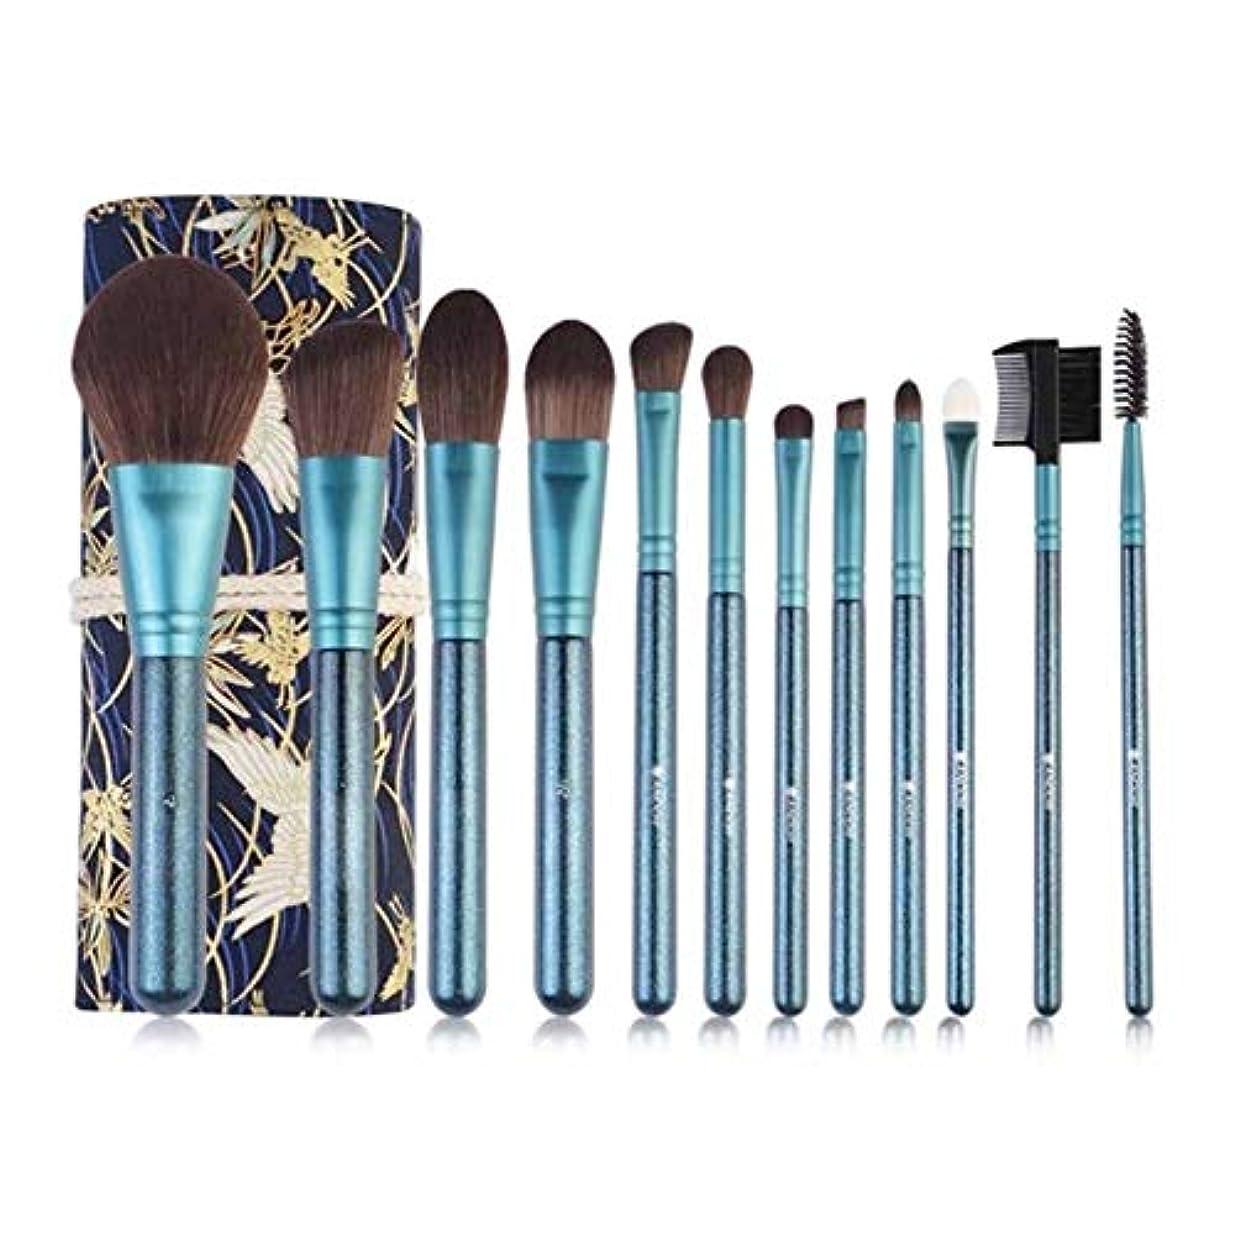 花害虫織機XIAOCHAOSD メイクブラシ、12のメイクブラシセット、柔らかく、プロと初心者の美容ツールに適した繊細なメイクアップツール、ブルー、ホワイト (Color : Blue)